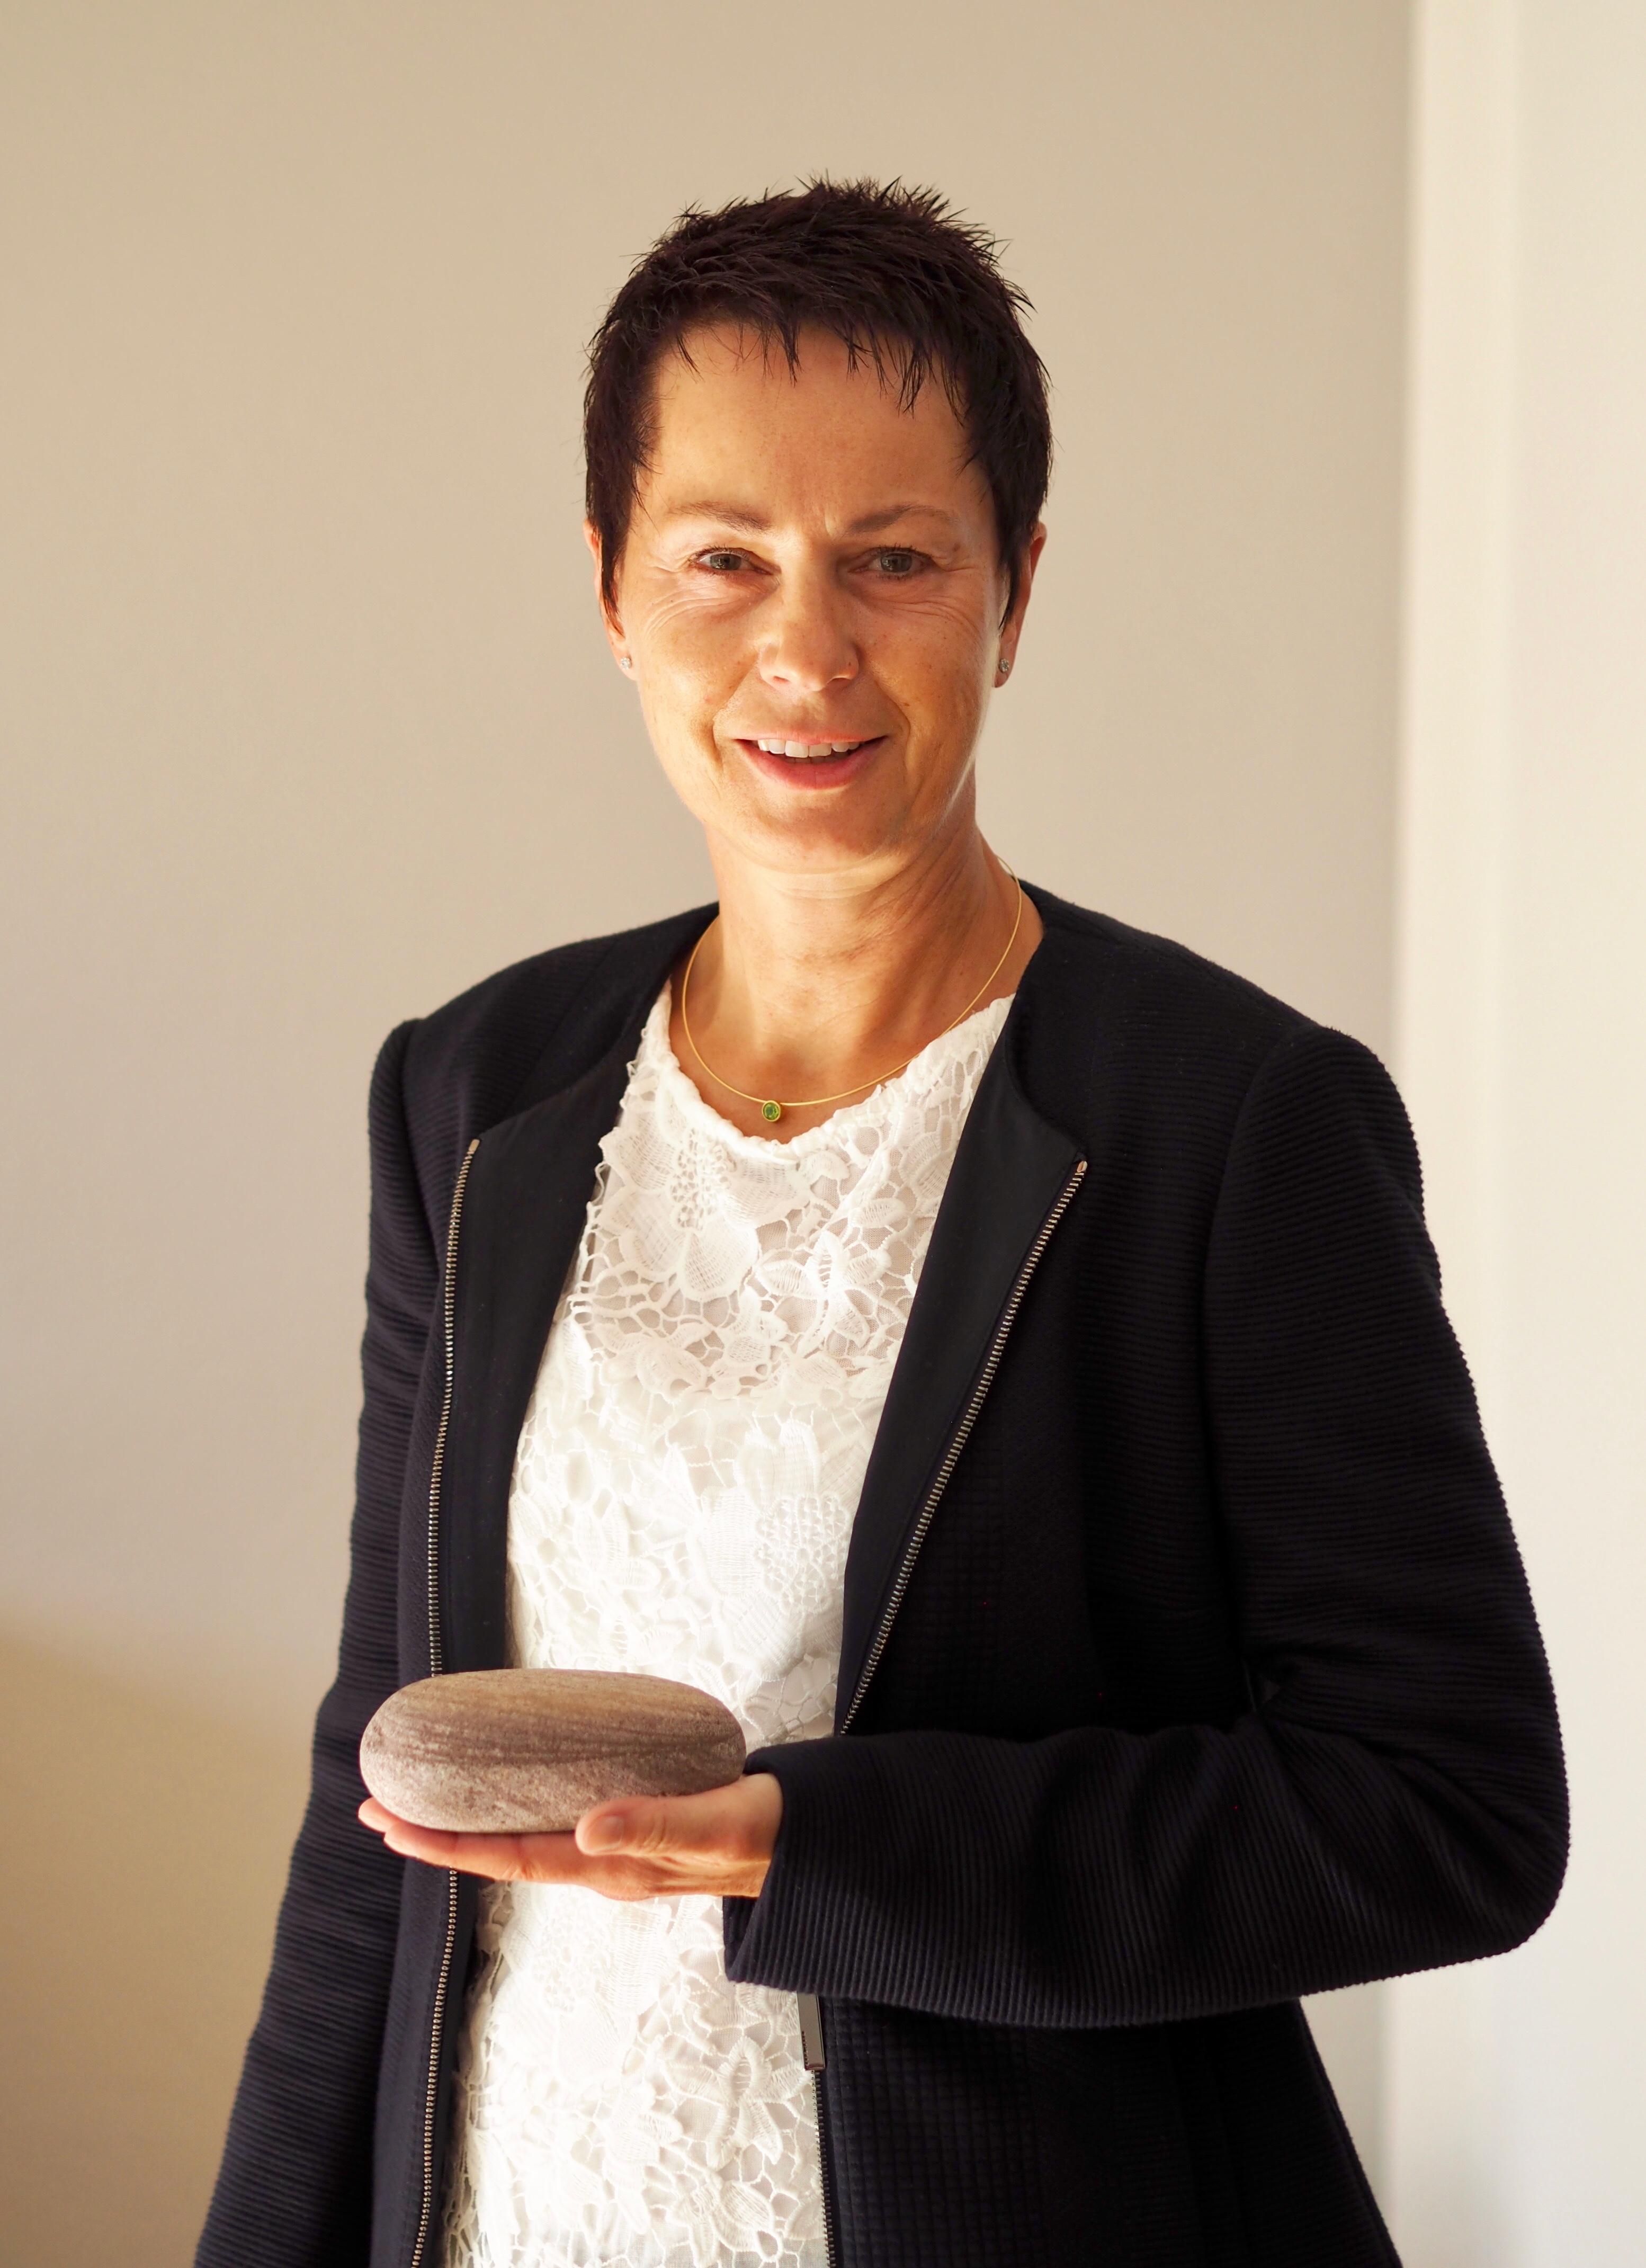 Dr. Martina Rautenschlein